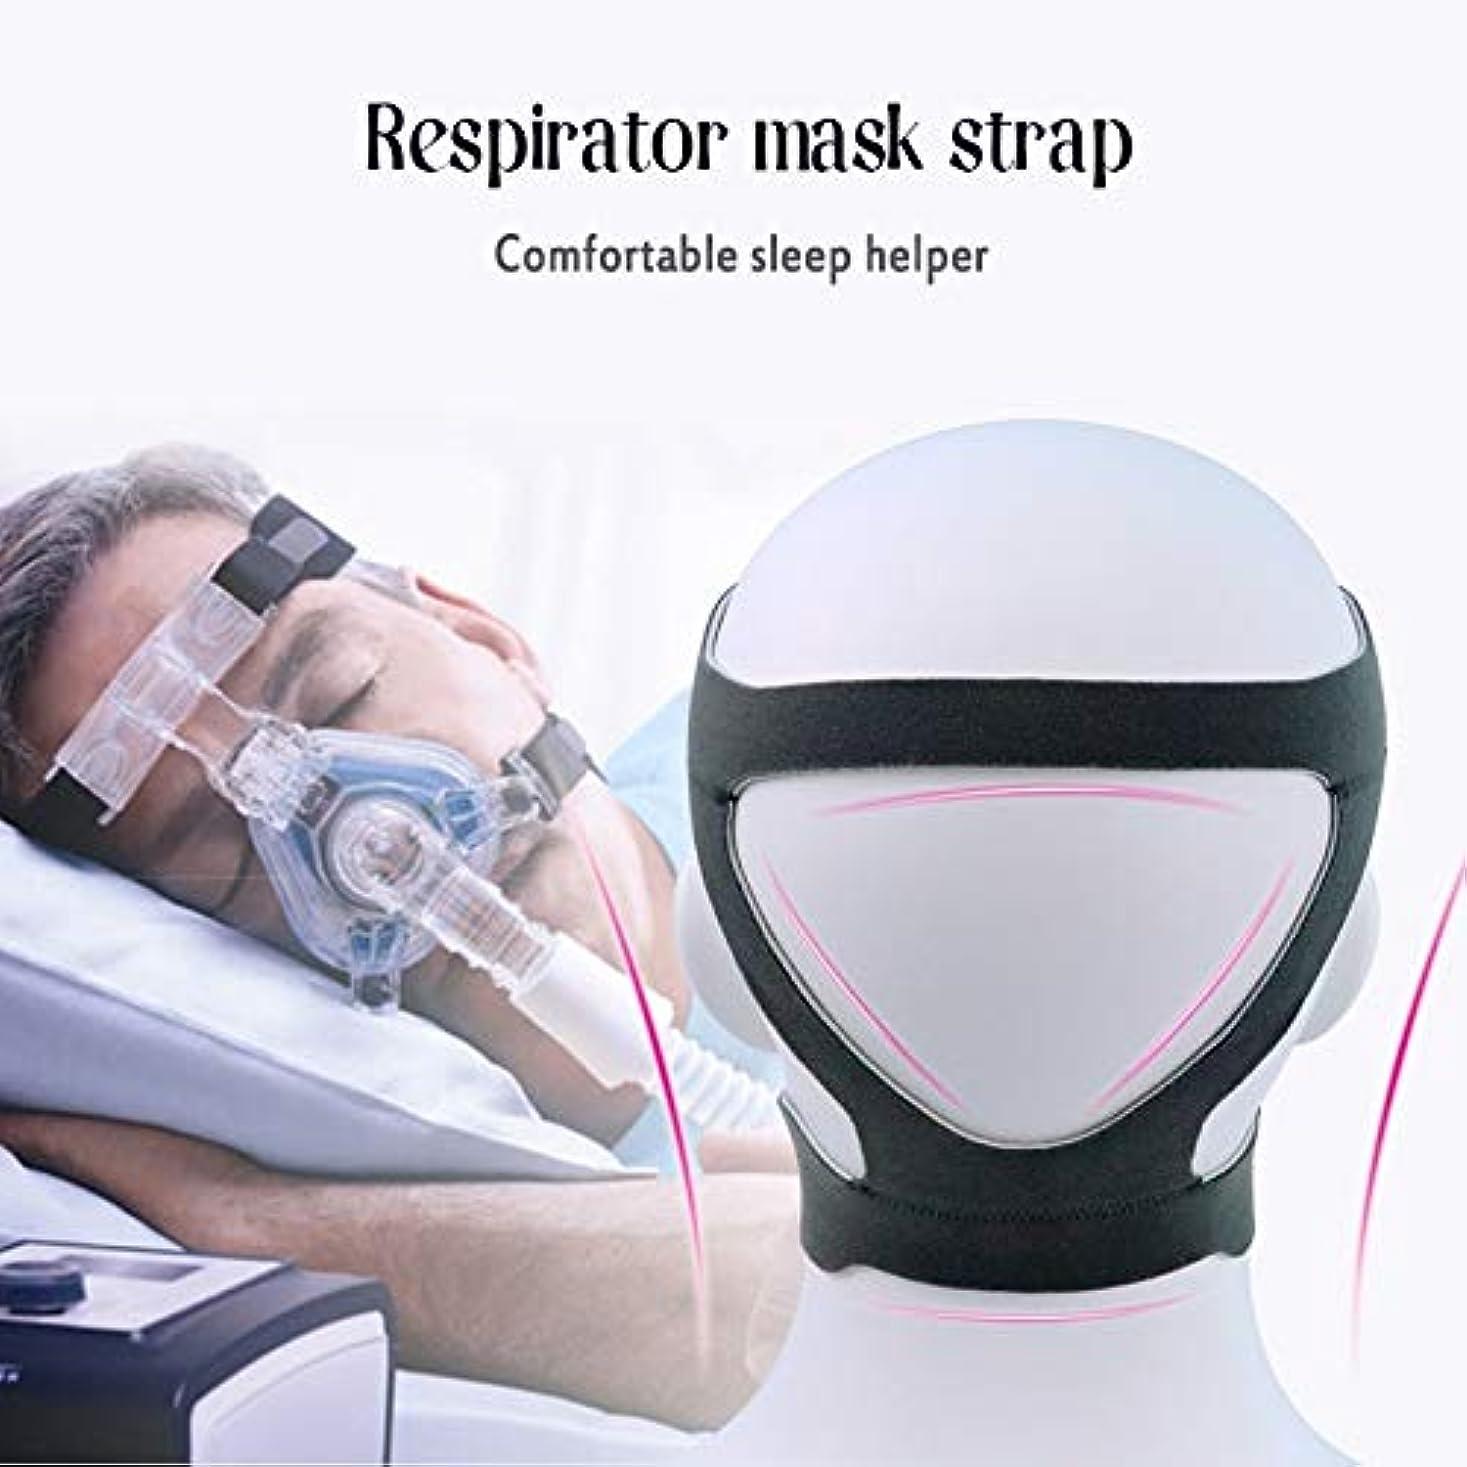 論理的レーザ廃止NOTE ユニバーサルヘッドギアCPAPマスクヘッドバンドベンチレータCPAP鼻マスク/フルフェイスマスク弾性繊維ヘッドストラップエイド睡眠包帯